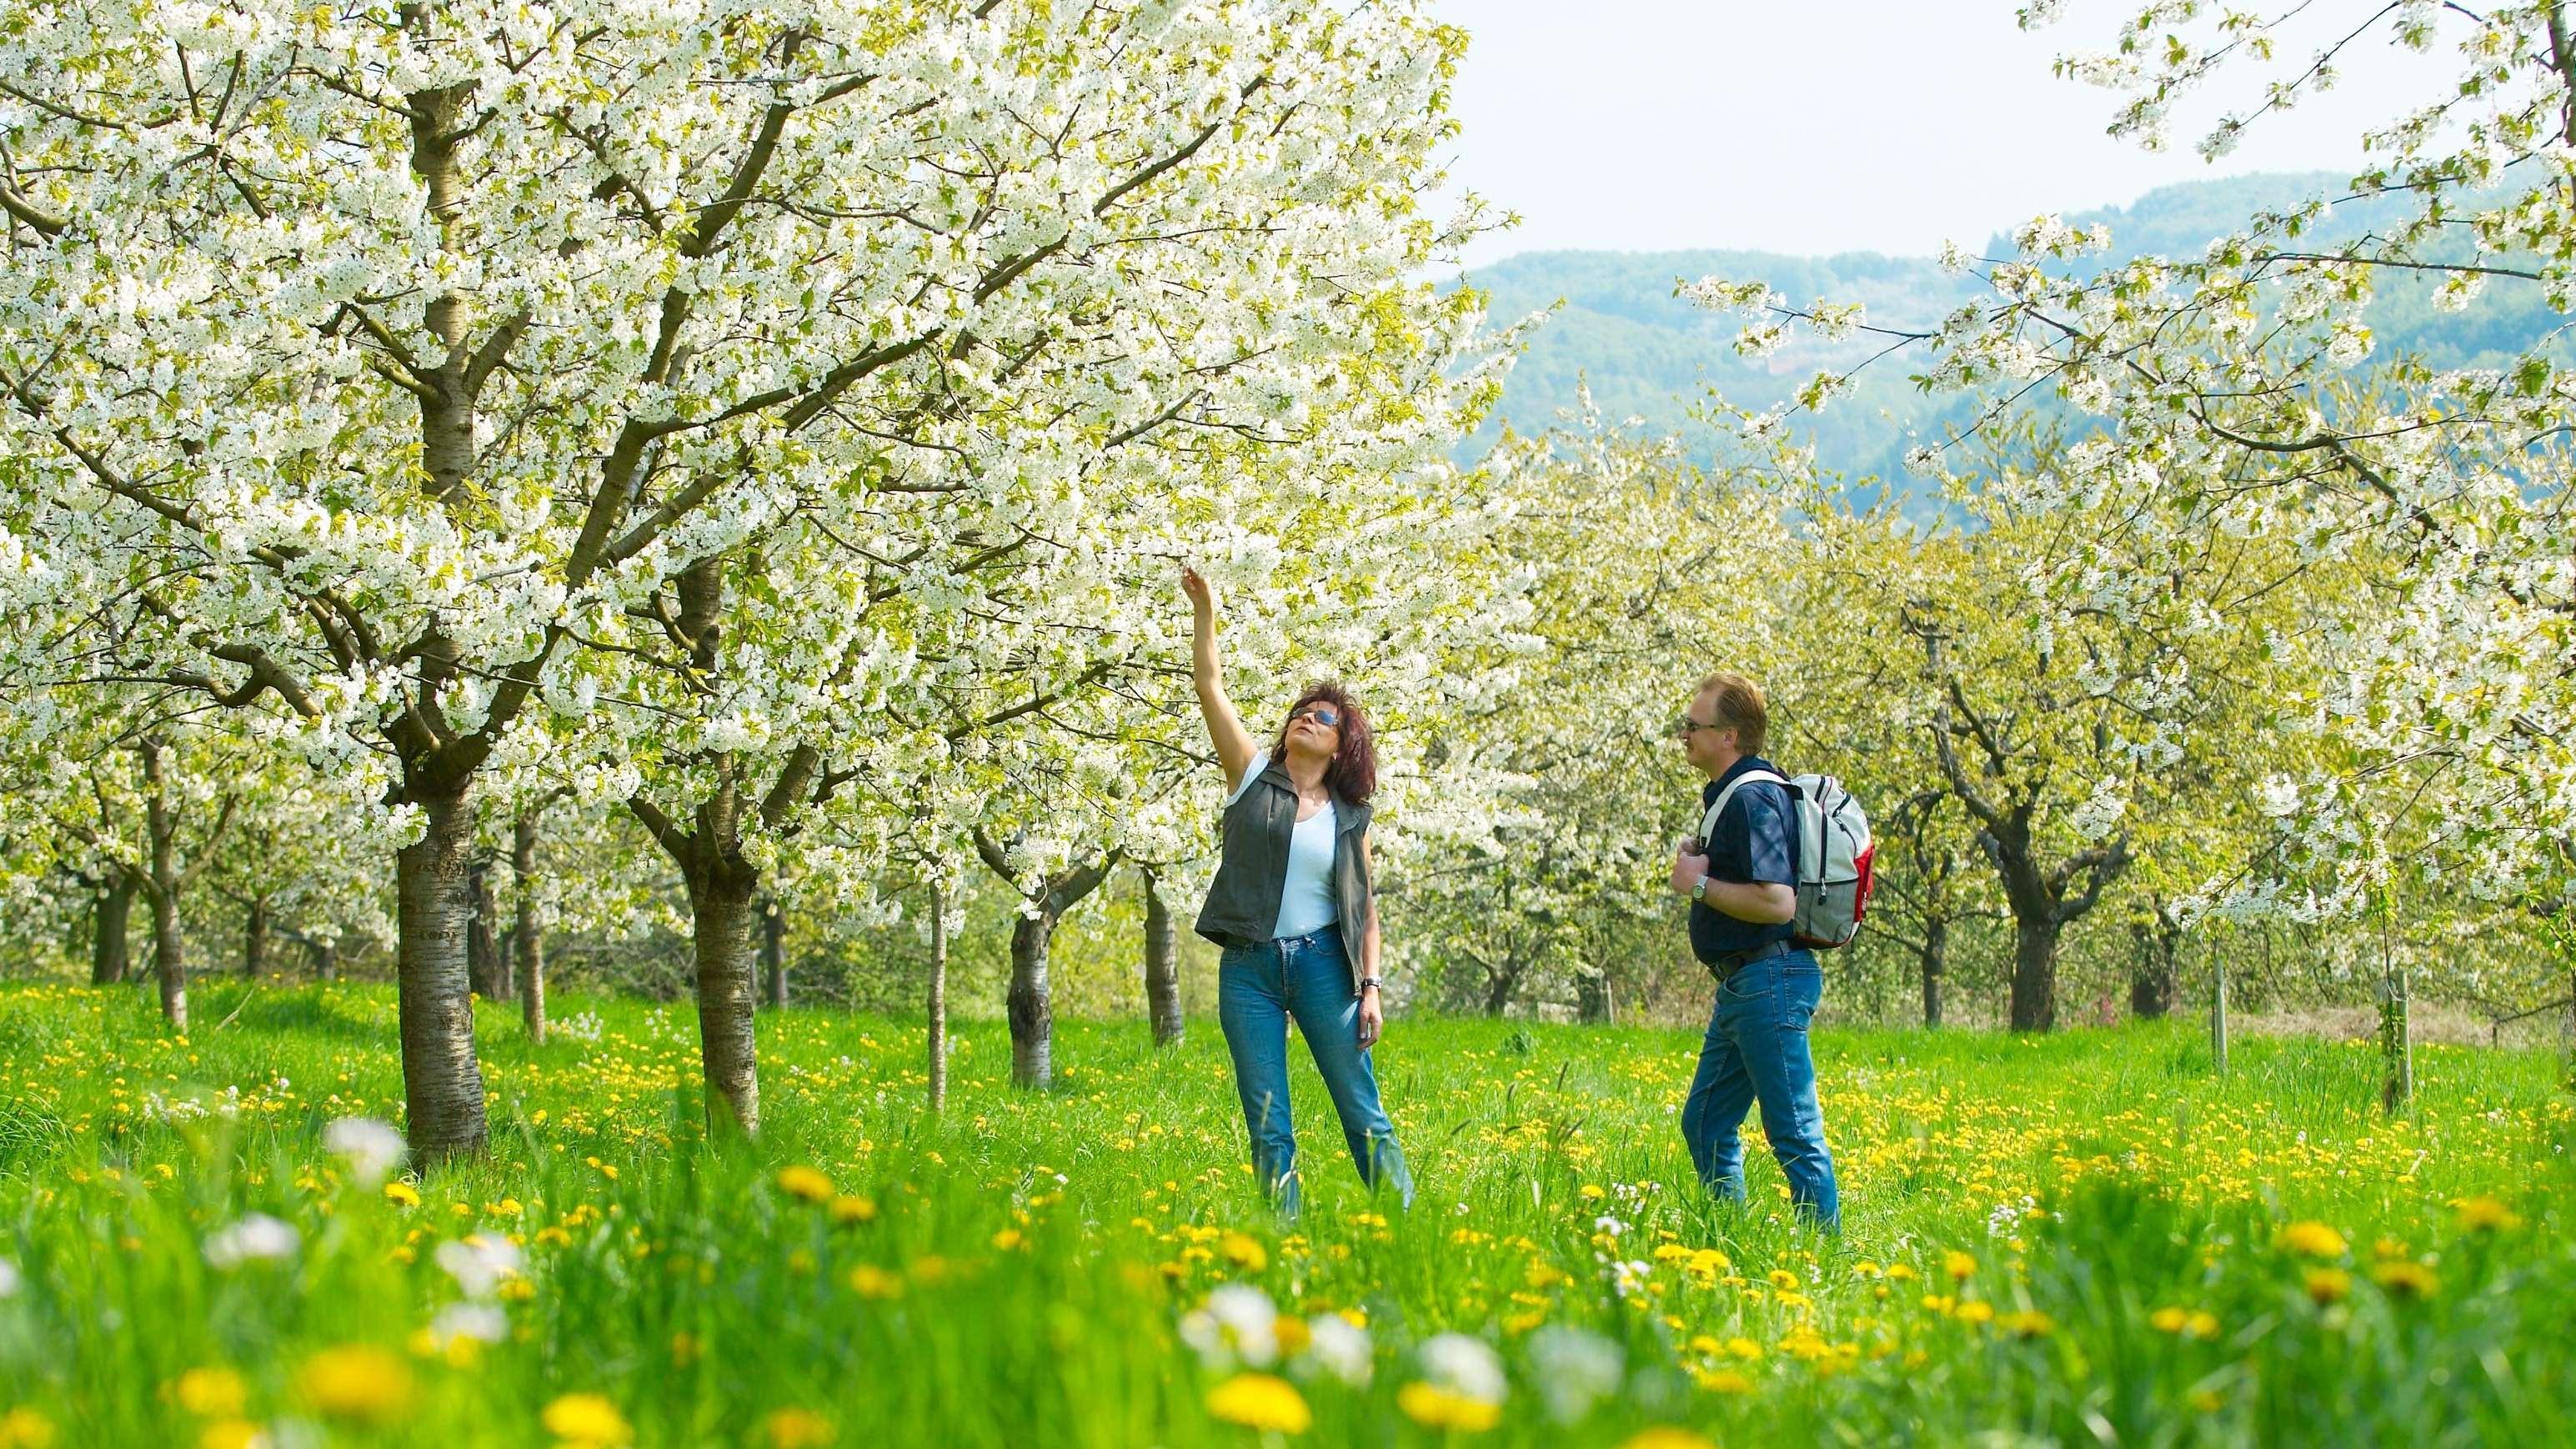 Kirschbäume mit weißen Blüten auf einer grünen Wiese in der Fränkischen Schweiz, zwei Wanderer bewundern die Blüten.